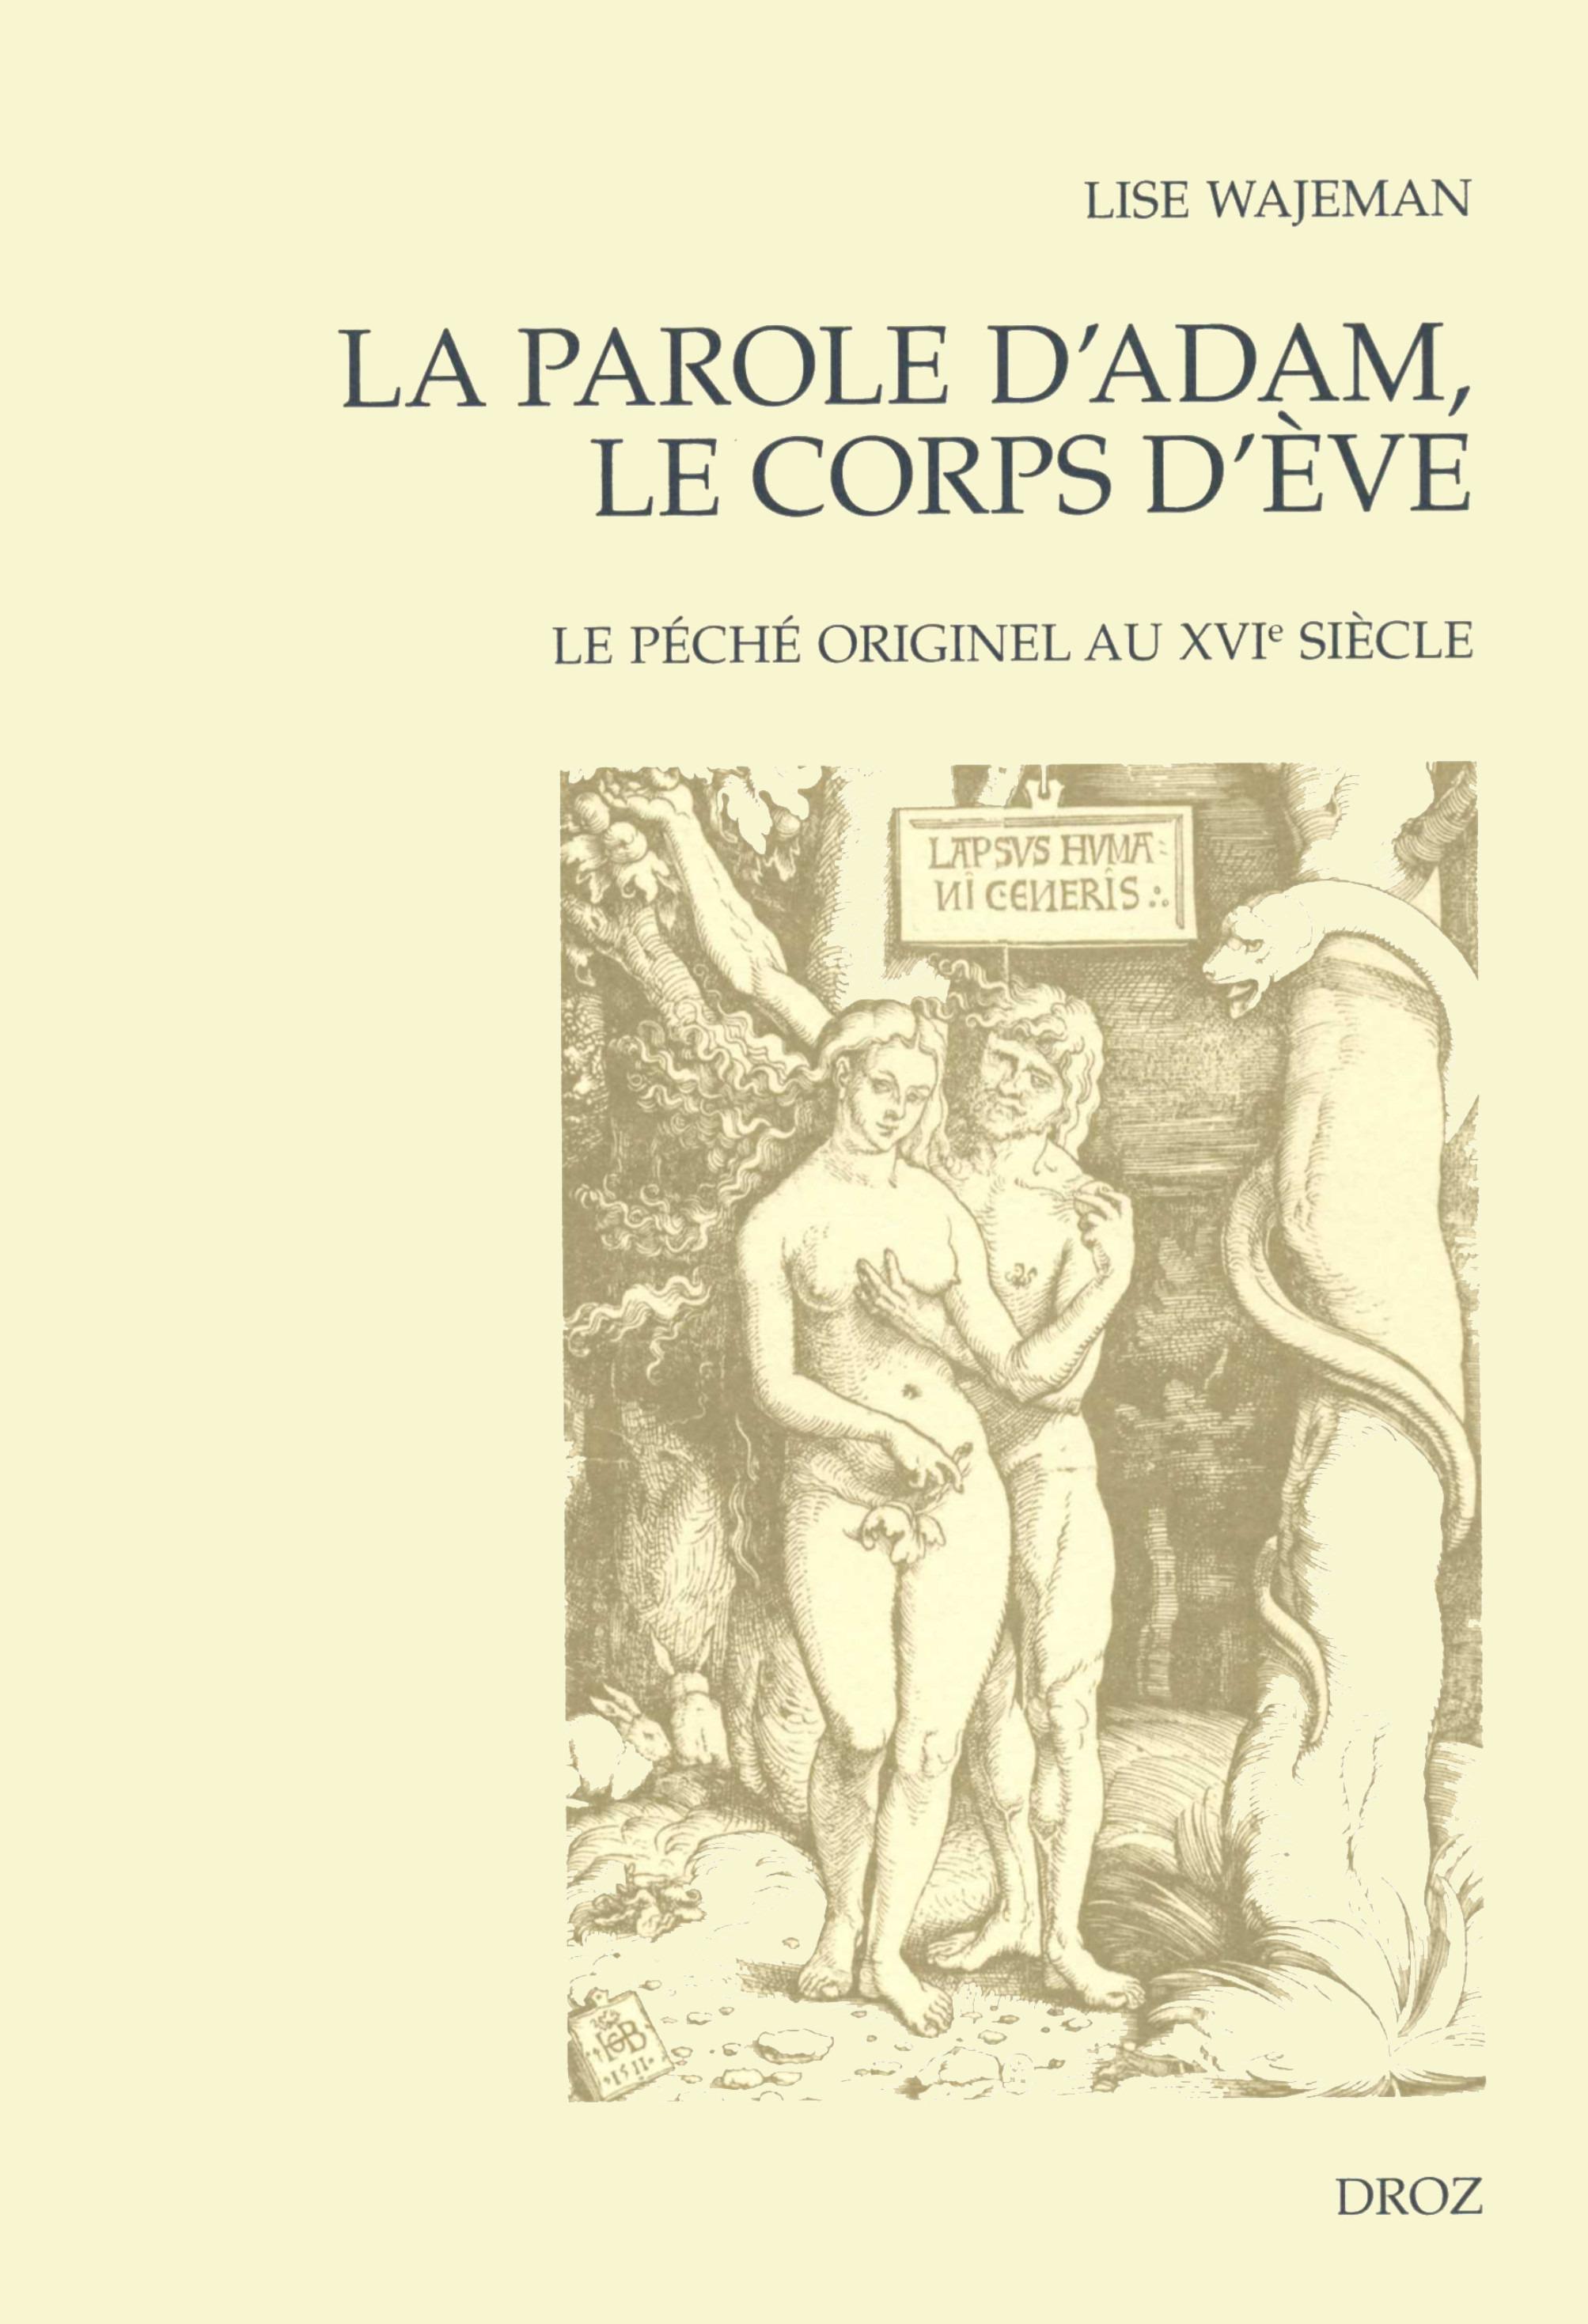 la parole d'adam, le corps d'ève ; le péché originel au XVI siècle